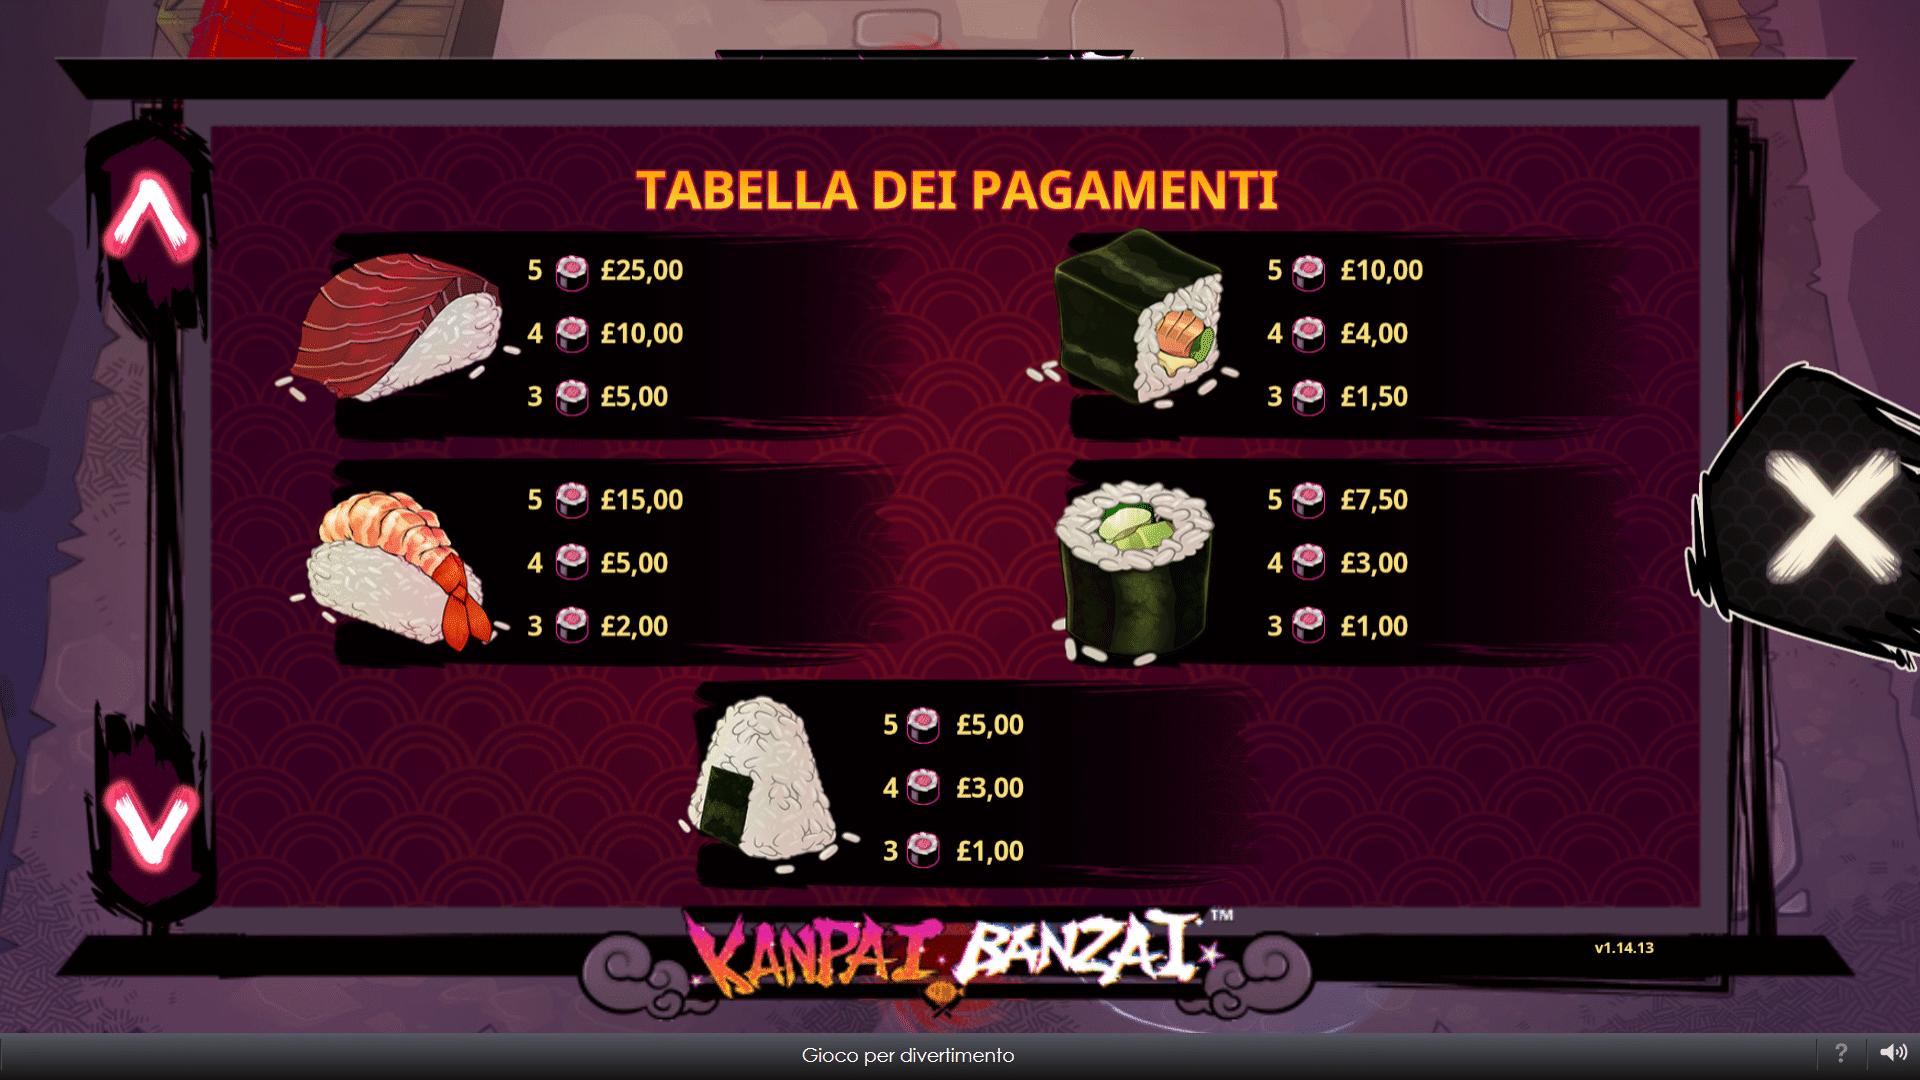 Tabella dei Pagamenti della Slot gratis Kanpai Banzai